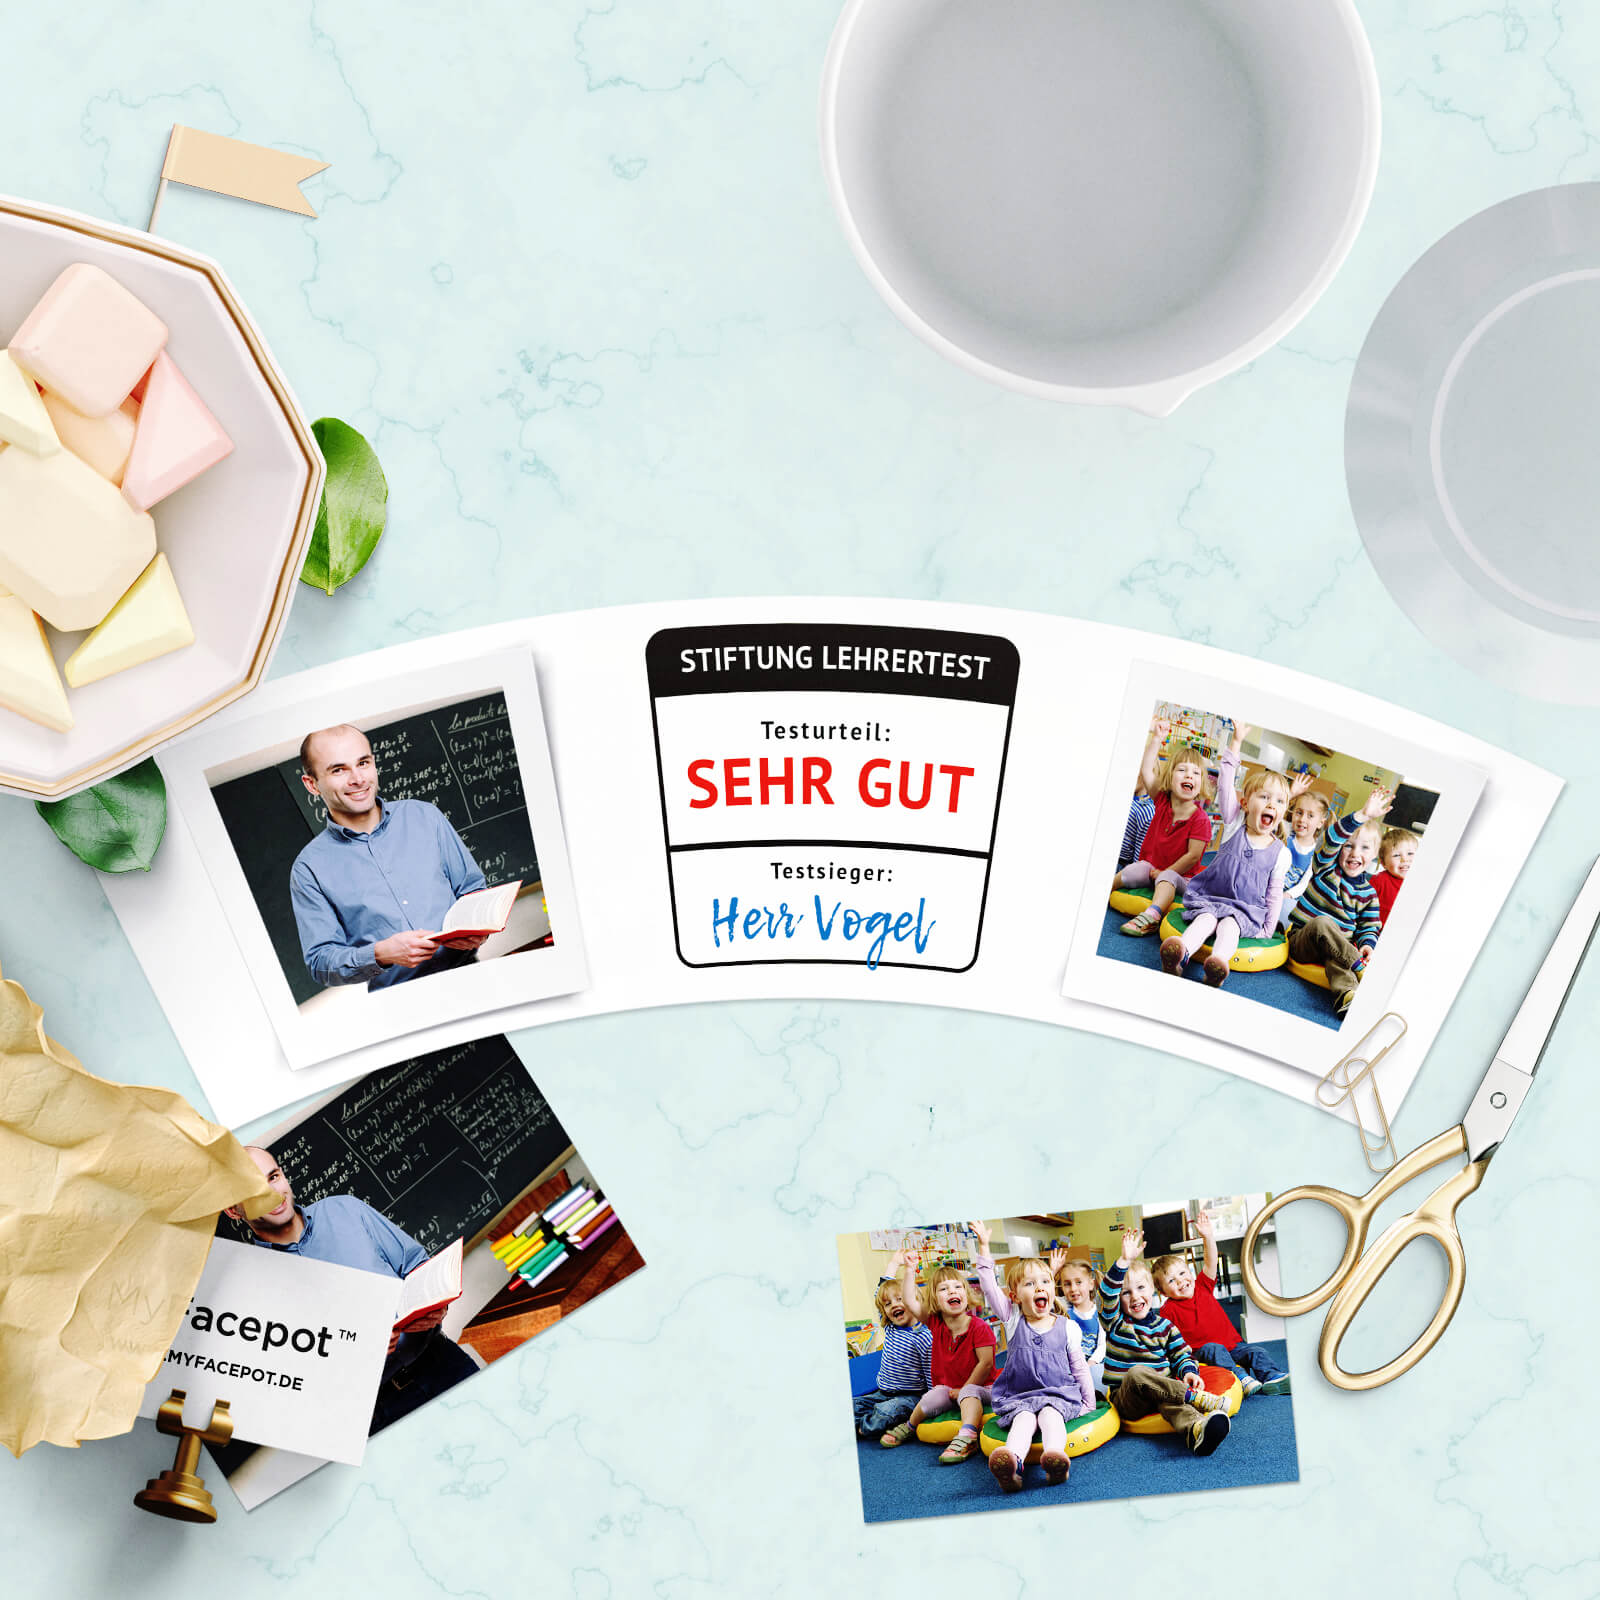 Geschenke für Lehrer: zum Abschied, Danke sagen oder Weihnachten ...